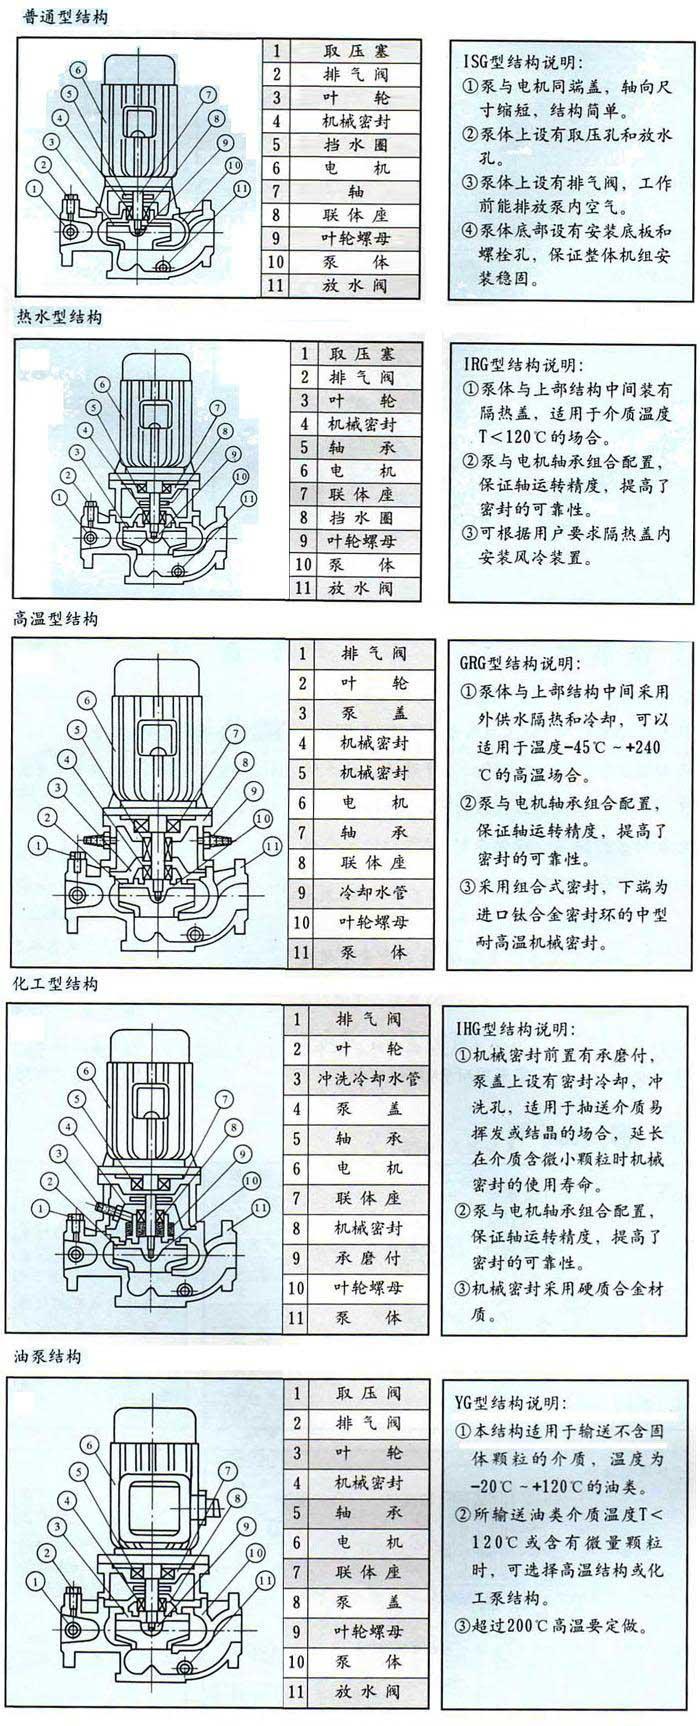 YG管道油泵结构图纸